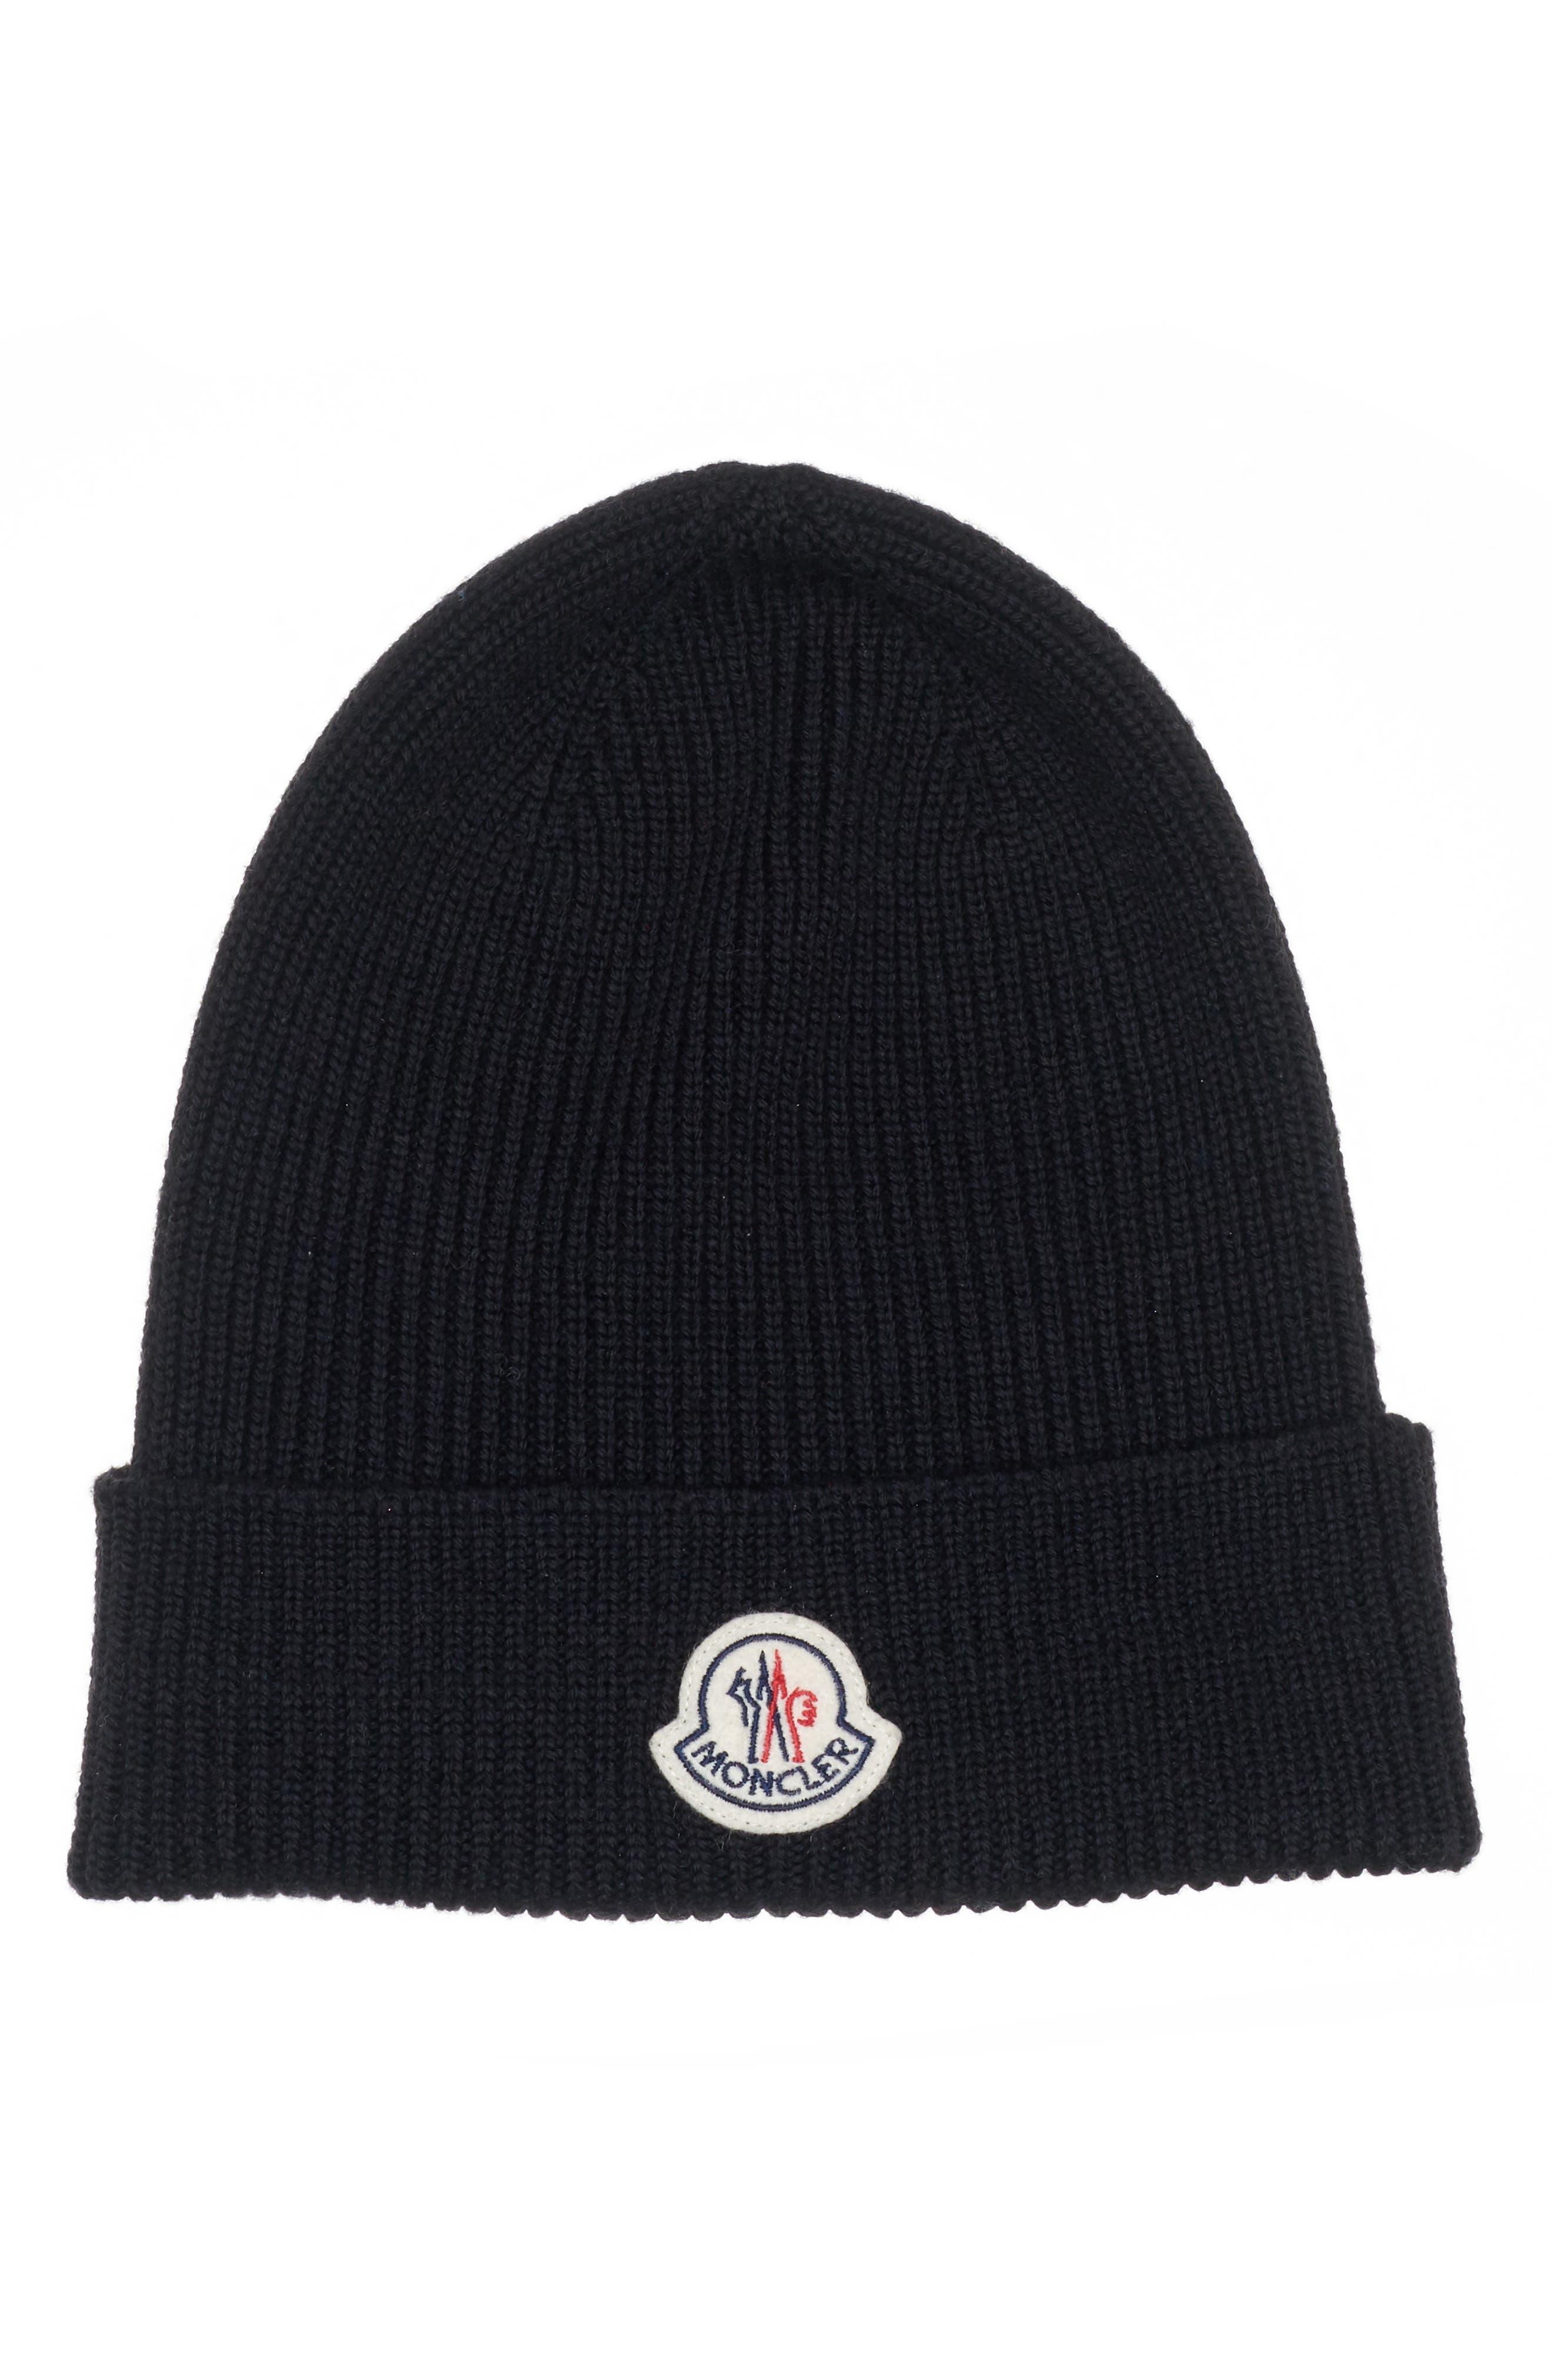 1784cfbbb Men's Hats, Hats for Men | Nordstrom